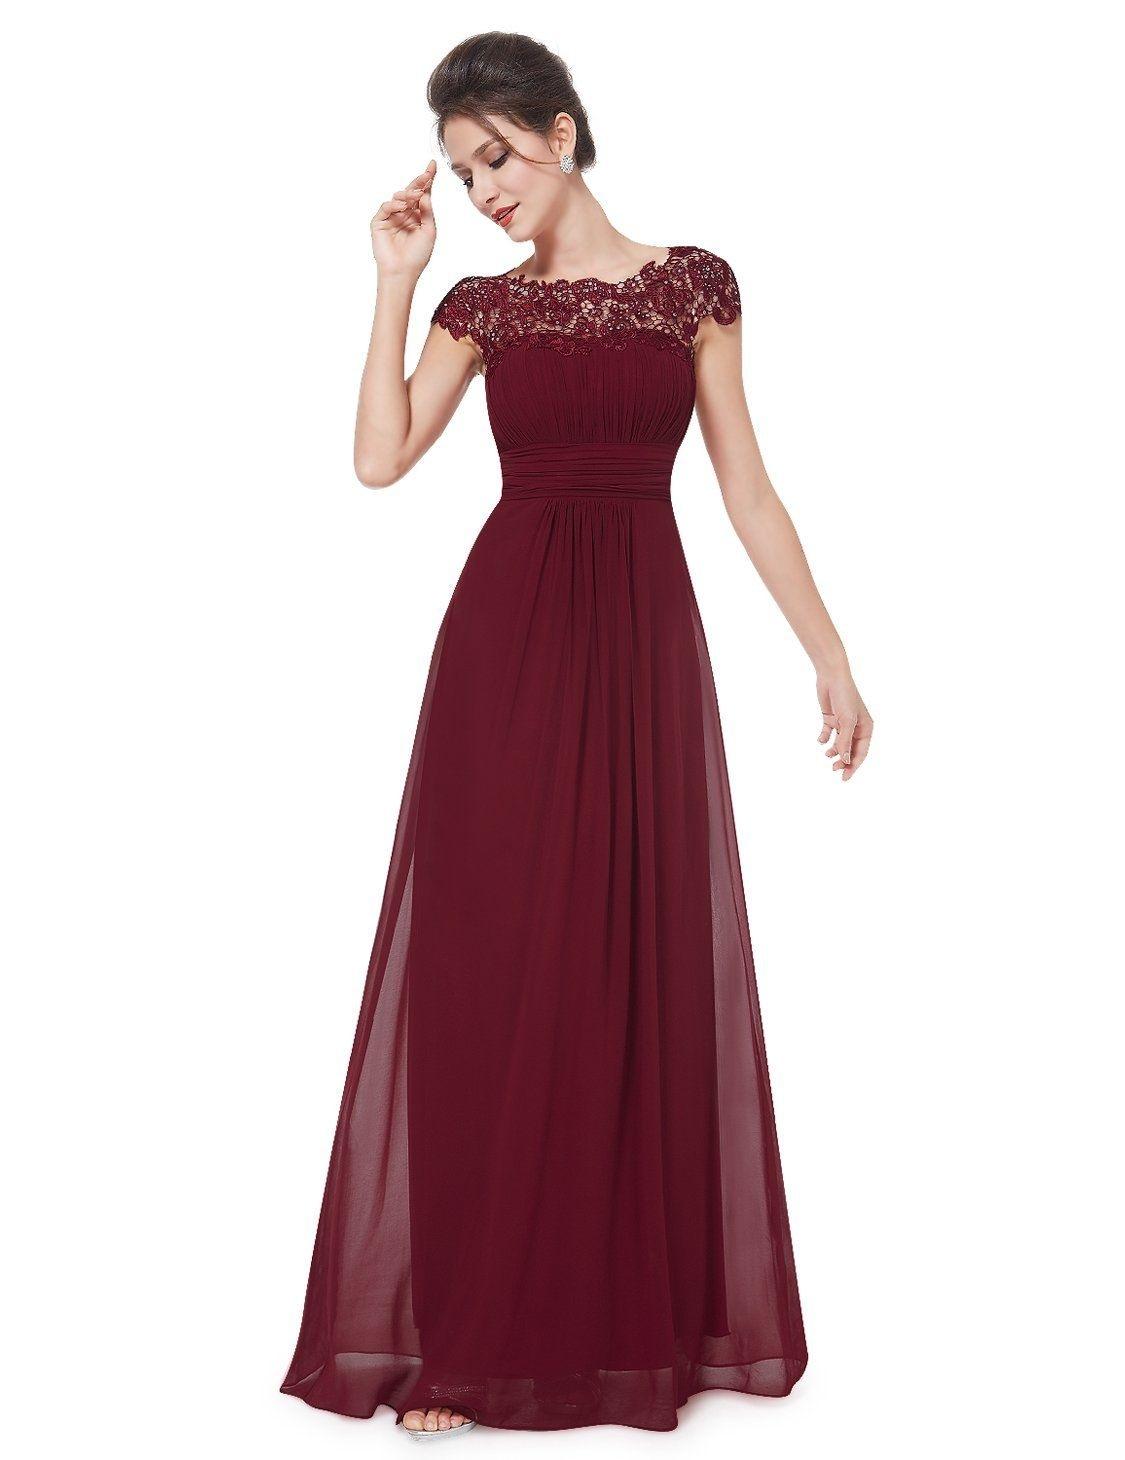 20 Schön Lange Abendkleider Für Hochzeit SpezialgebietFormal Luxus Lange Abendkleider Für Hochzeit Bester Preis